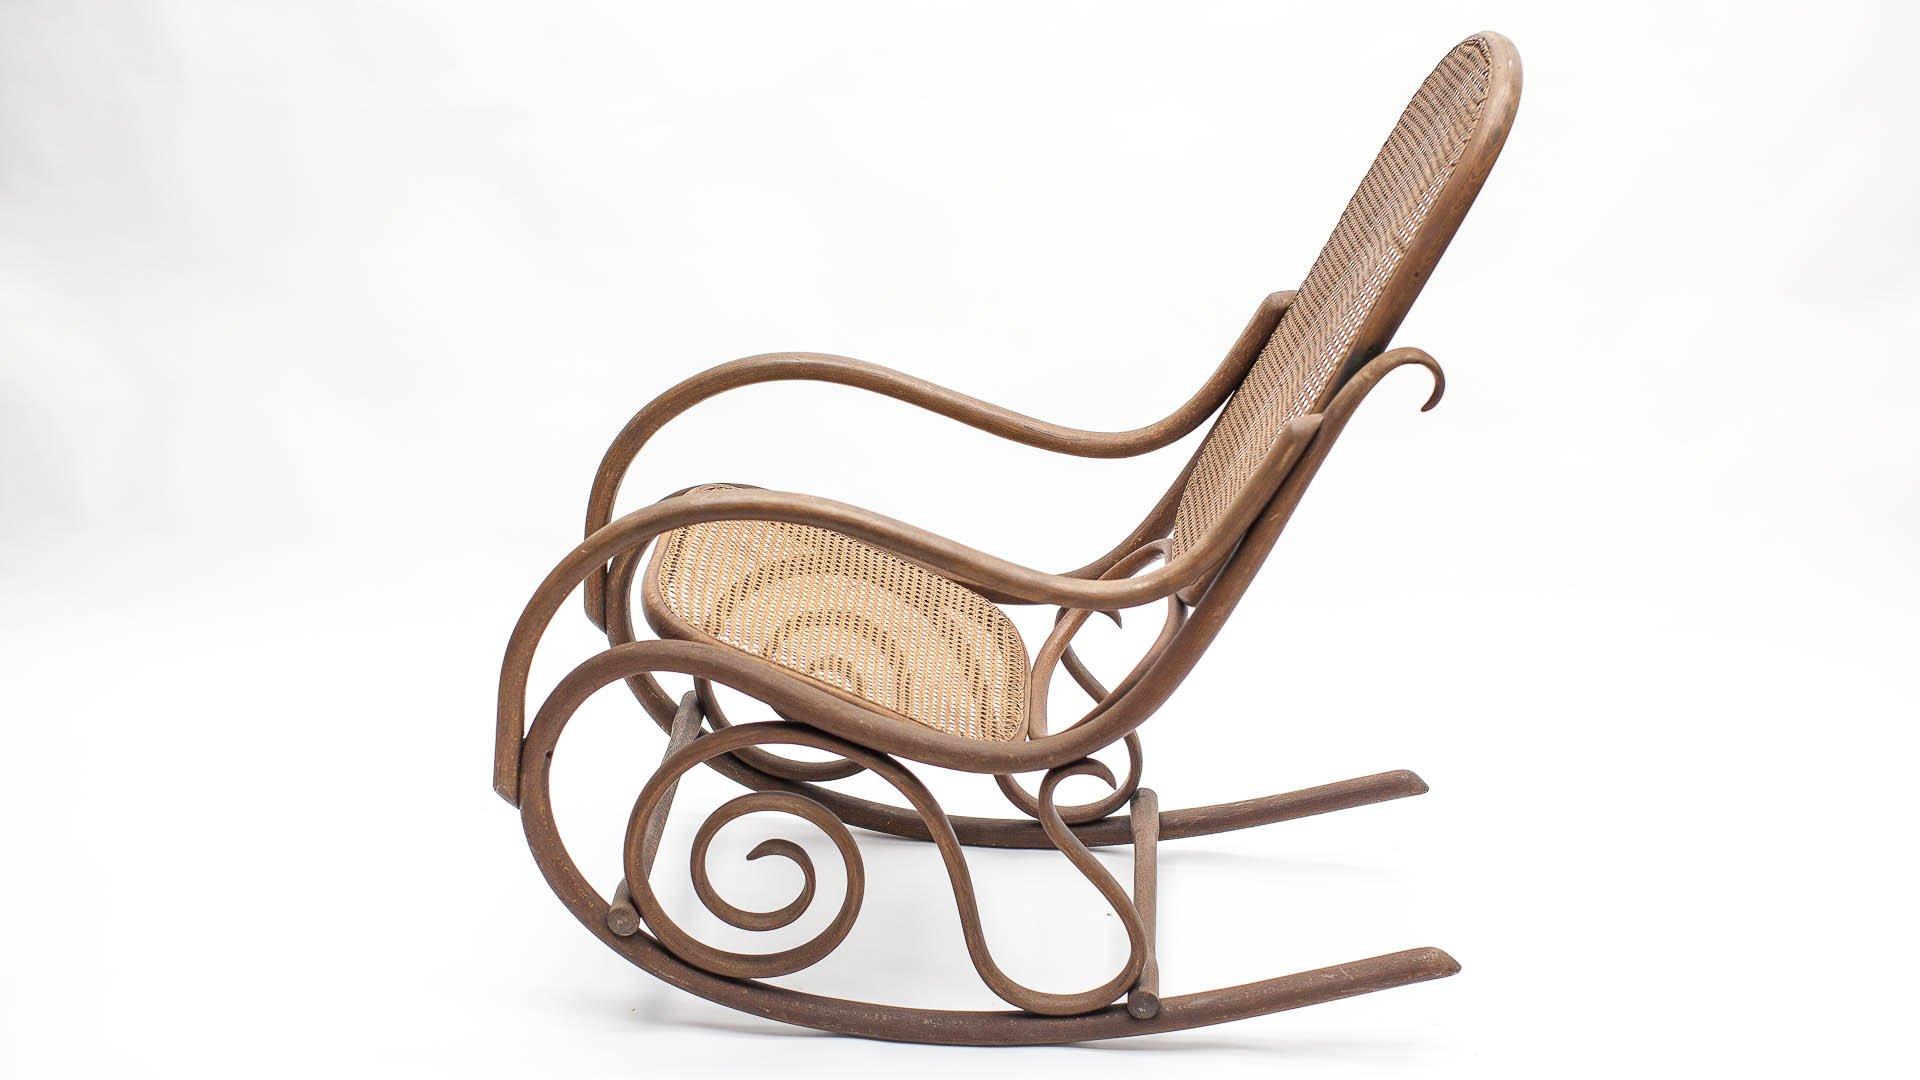 Antiker schaukelstuhl aus rohrgeflecht von michael thonet for Schaukelstuhl auf englisch